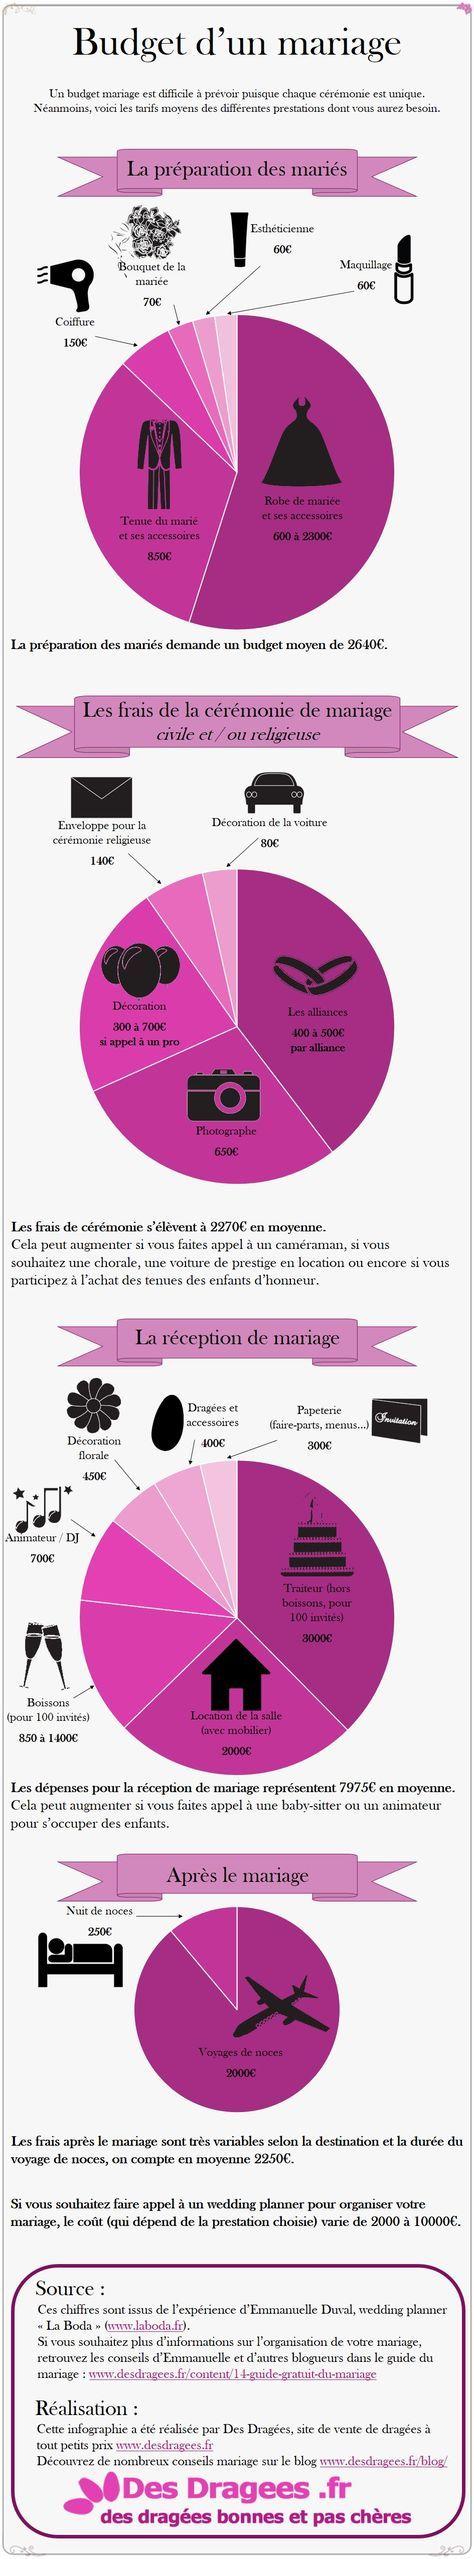 Infographie sur le budget d'un mariage